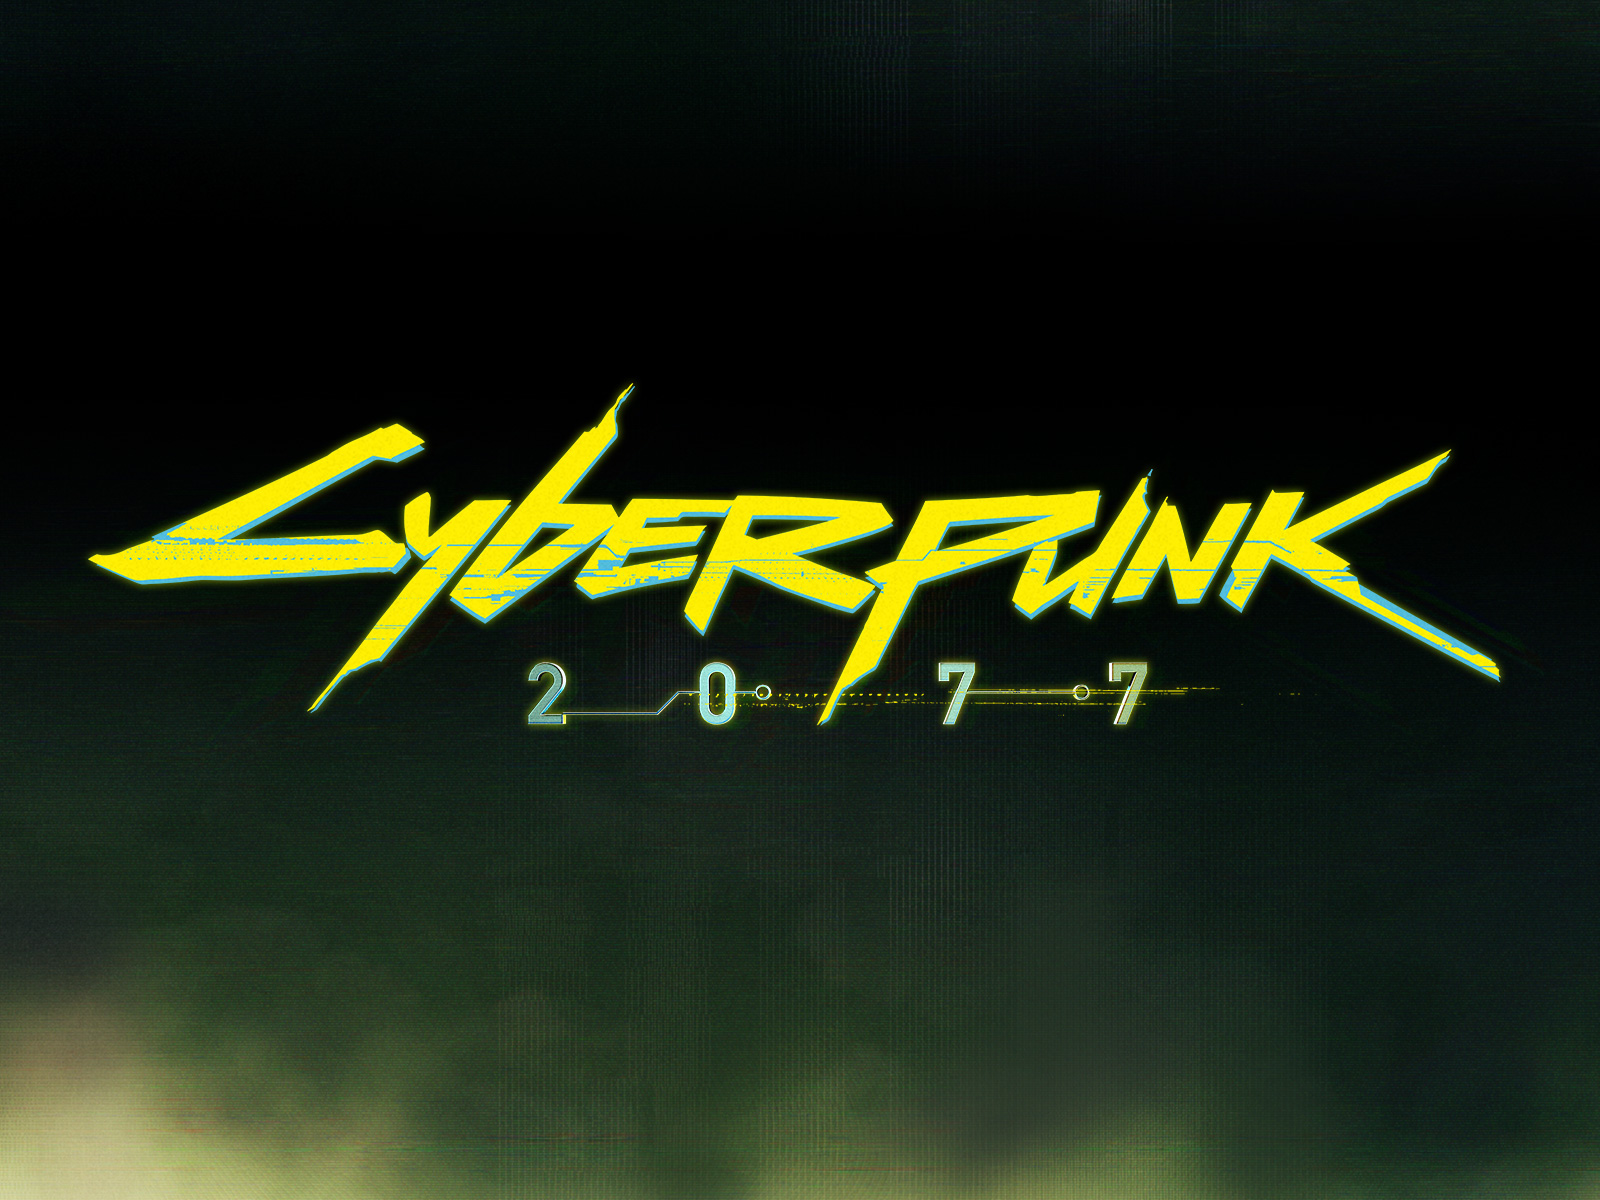 1357901139-cyberpunk_2077_logo